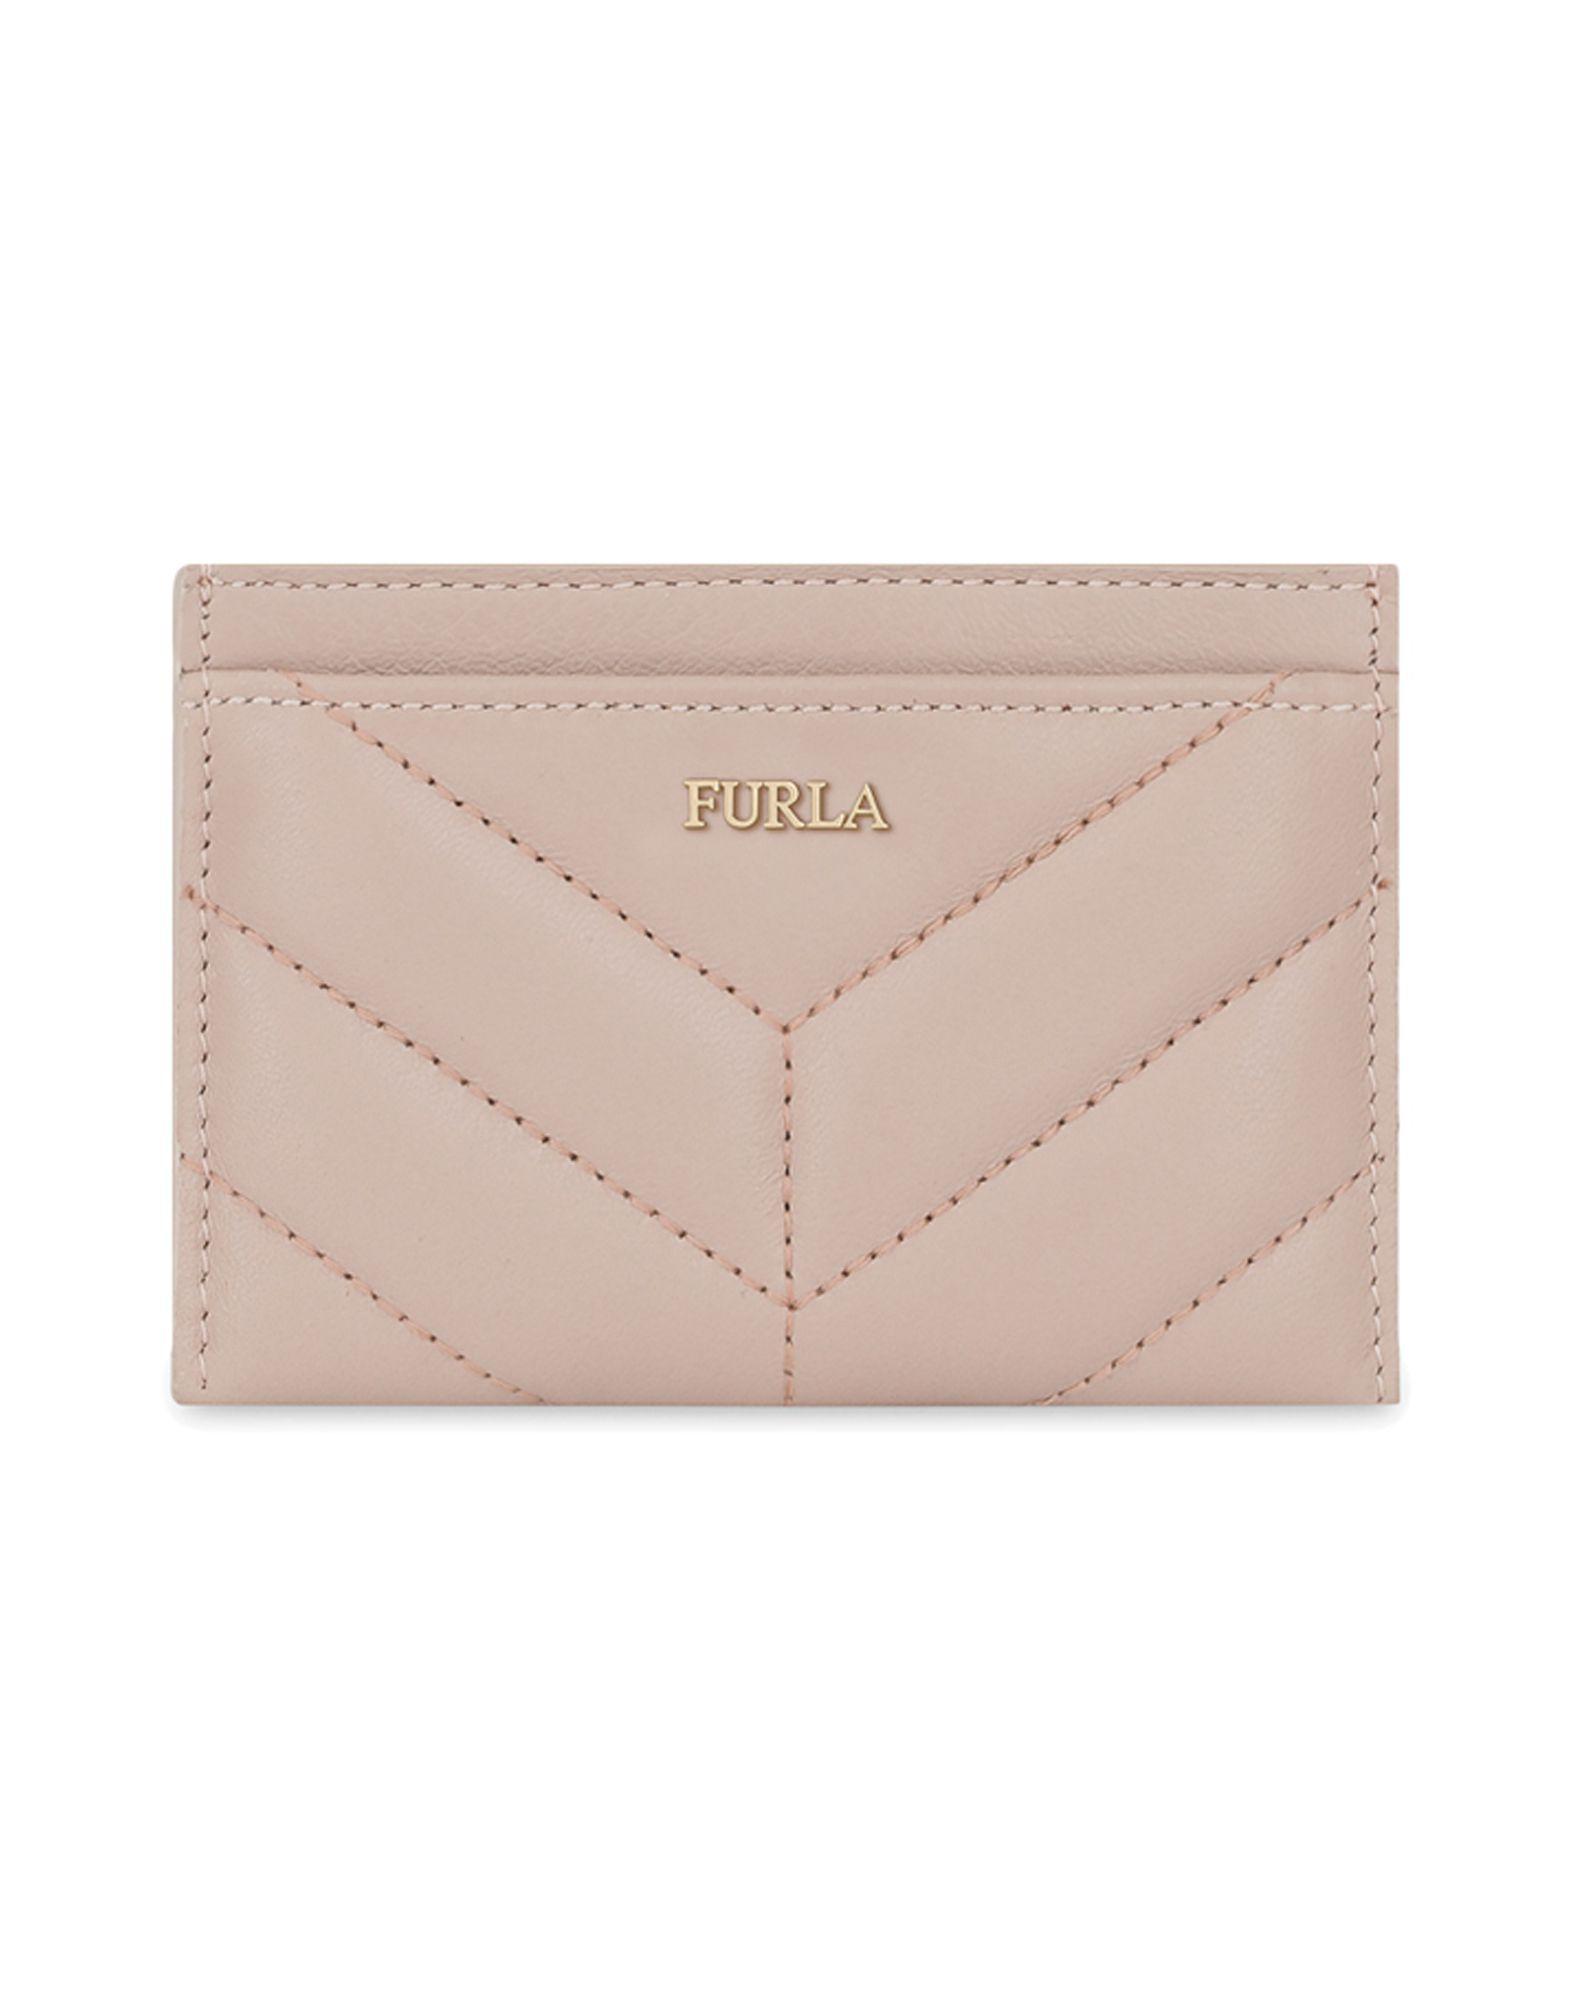 9b4da6216743 フルラ(FURLA) その他のレディースファッション雑貨・小物 | 通販・人気 ...